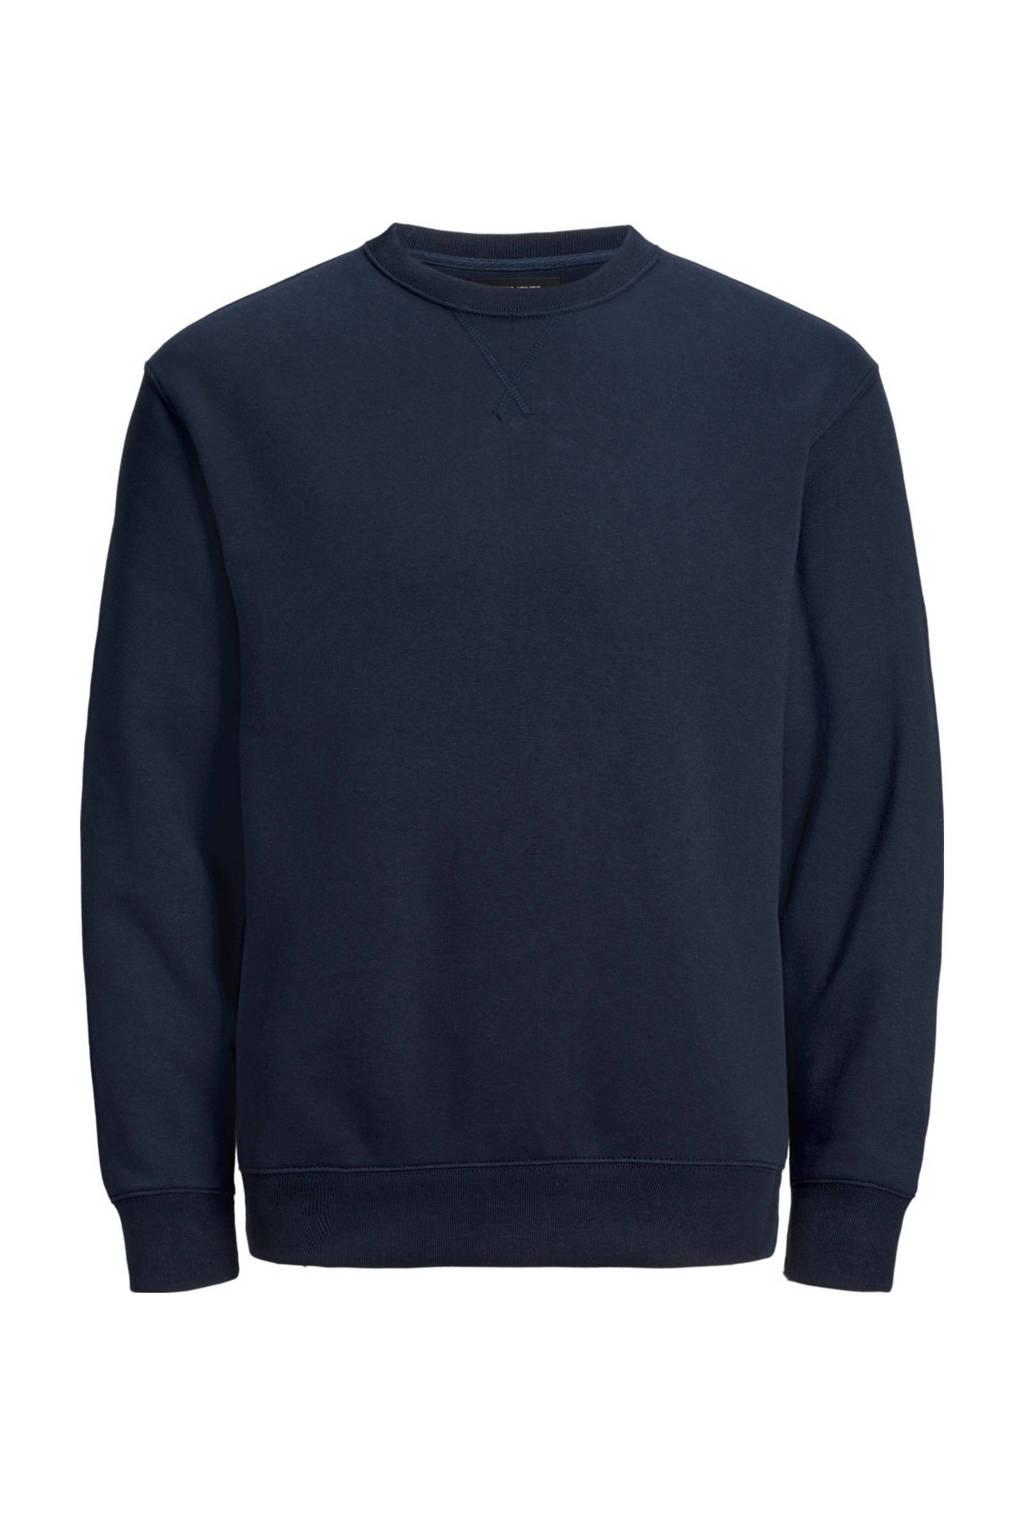 JACK & JONES JUNIOR sweater Soft donkerblauw, Donkerblauw